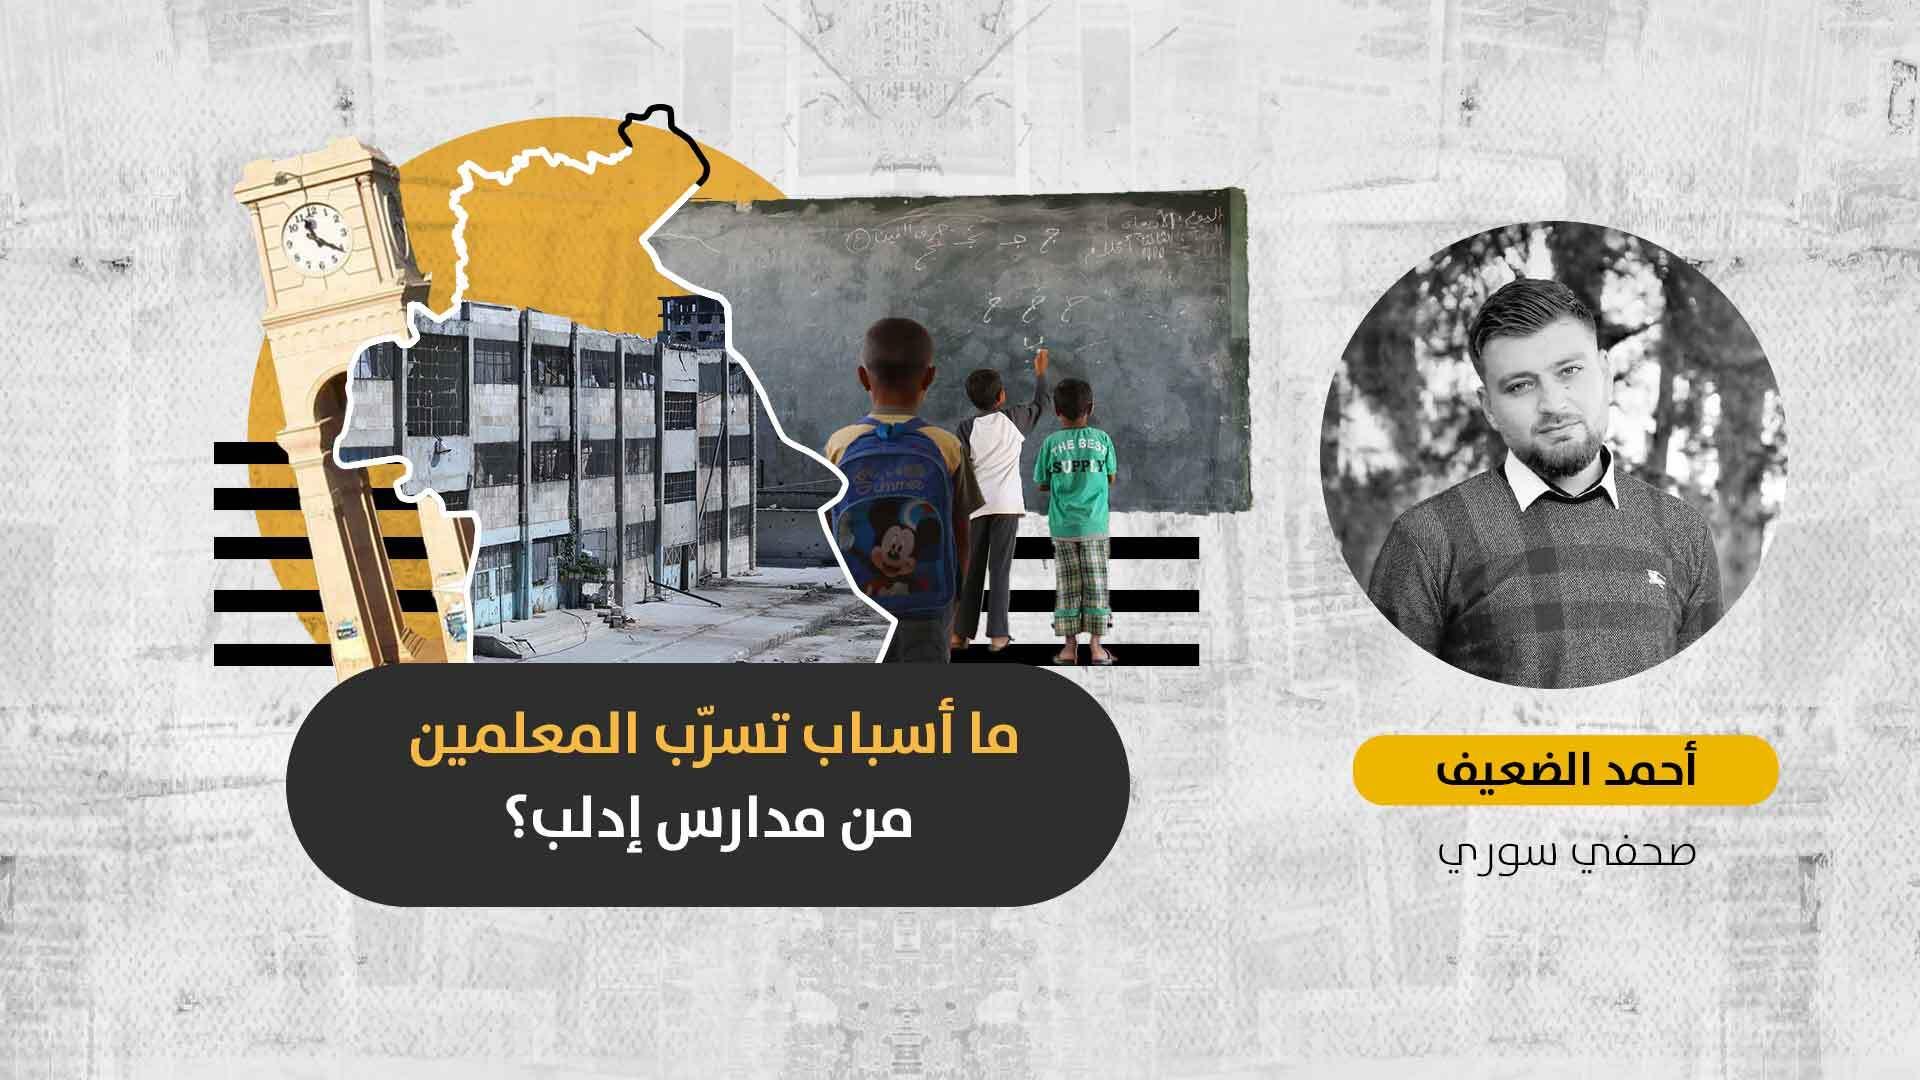 توقف عمل المدارس في إدلب: هل ستؤدي سياسات الجهات المانحة إلى نشأة جيل محروم من التعليم؟